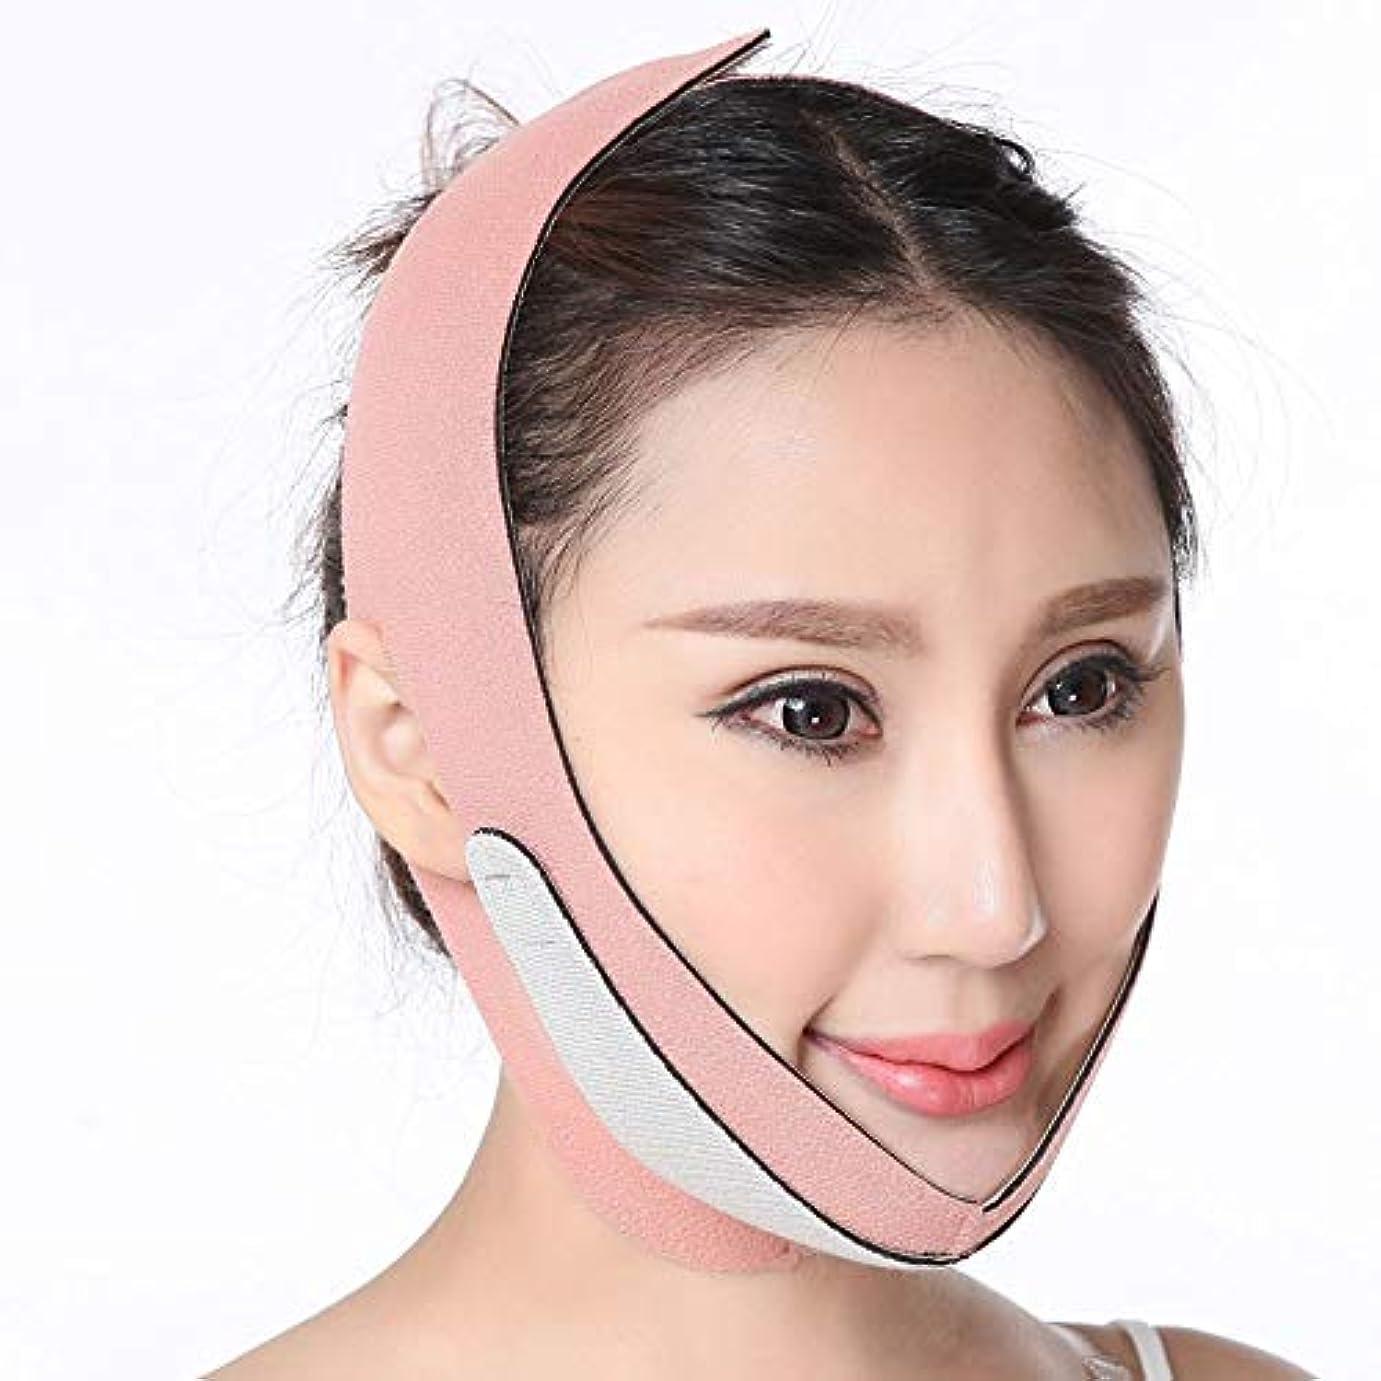 準拠サスペンションスケジュールHEMFV 顔のスリミングベルトマスクストラップ美容通気性のフェイス二重あごケア減量包帯